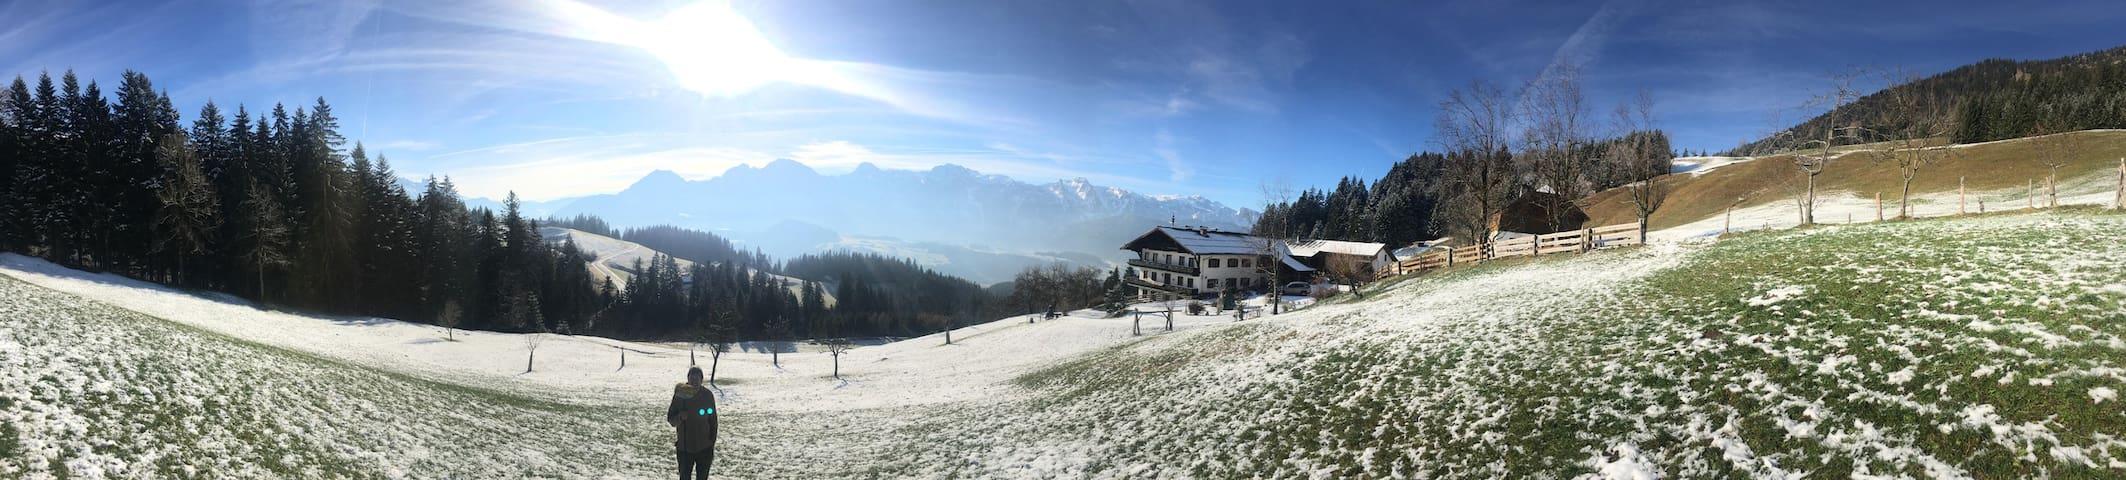 Gusti's Urlaub am Bauernhof mit Panorama